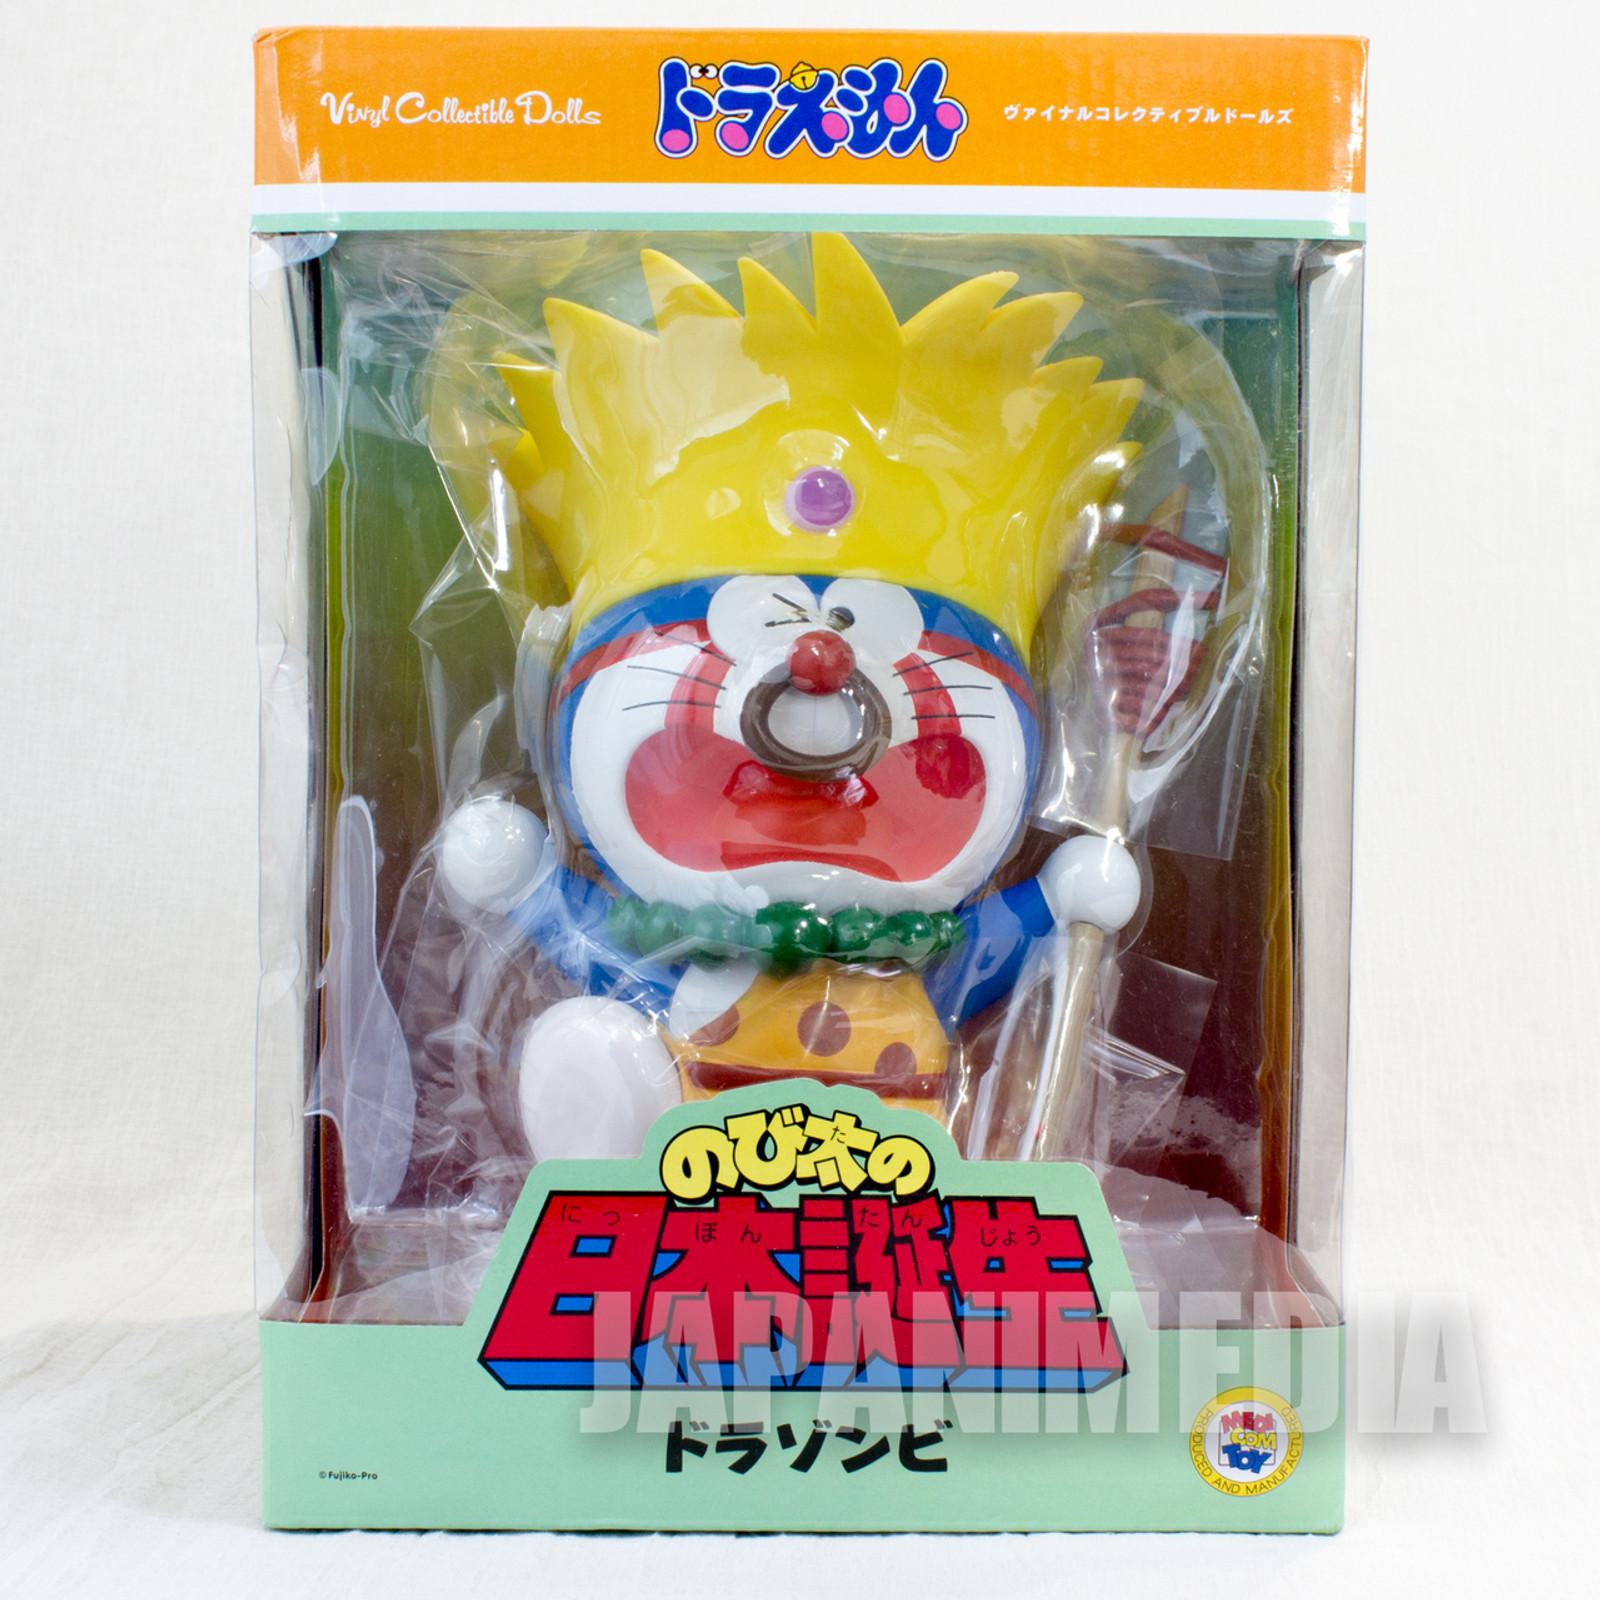 Doraemon Nobita's Birth of Japan Dorazombie Figure Medicom Toy FUJIKO FUJIO